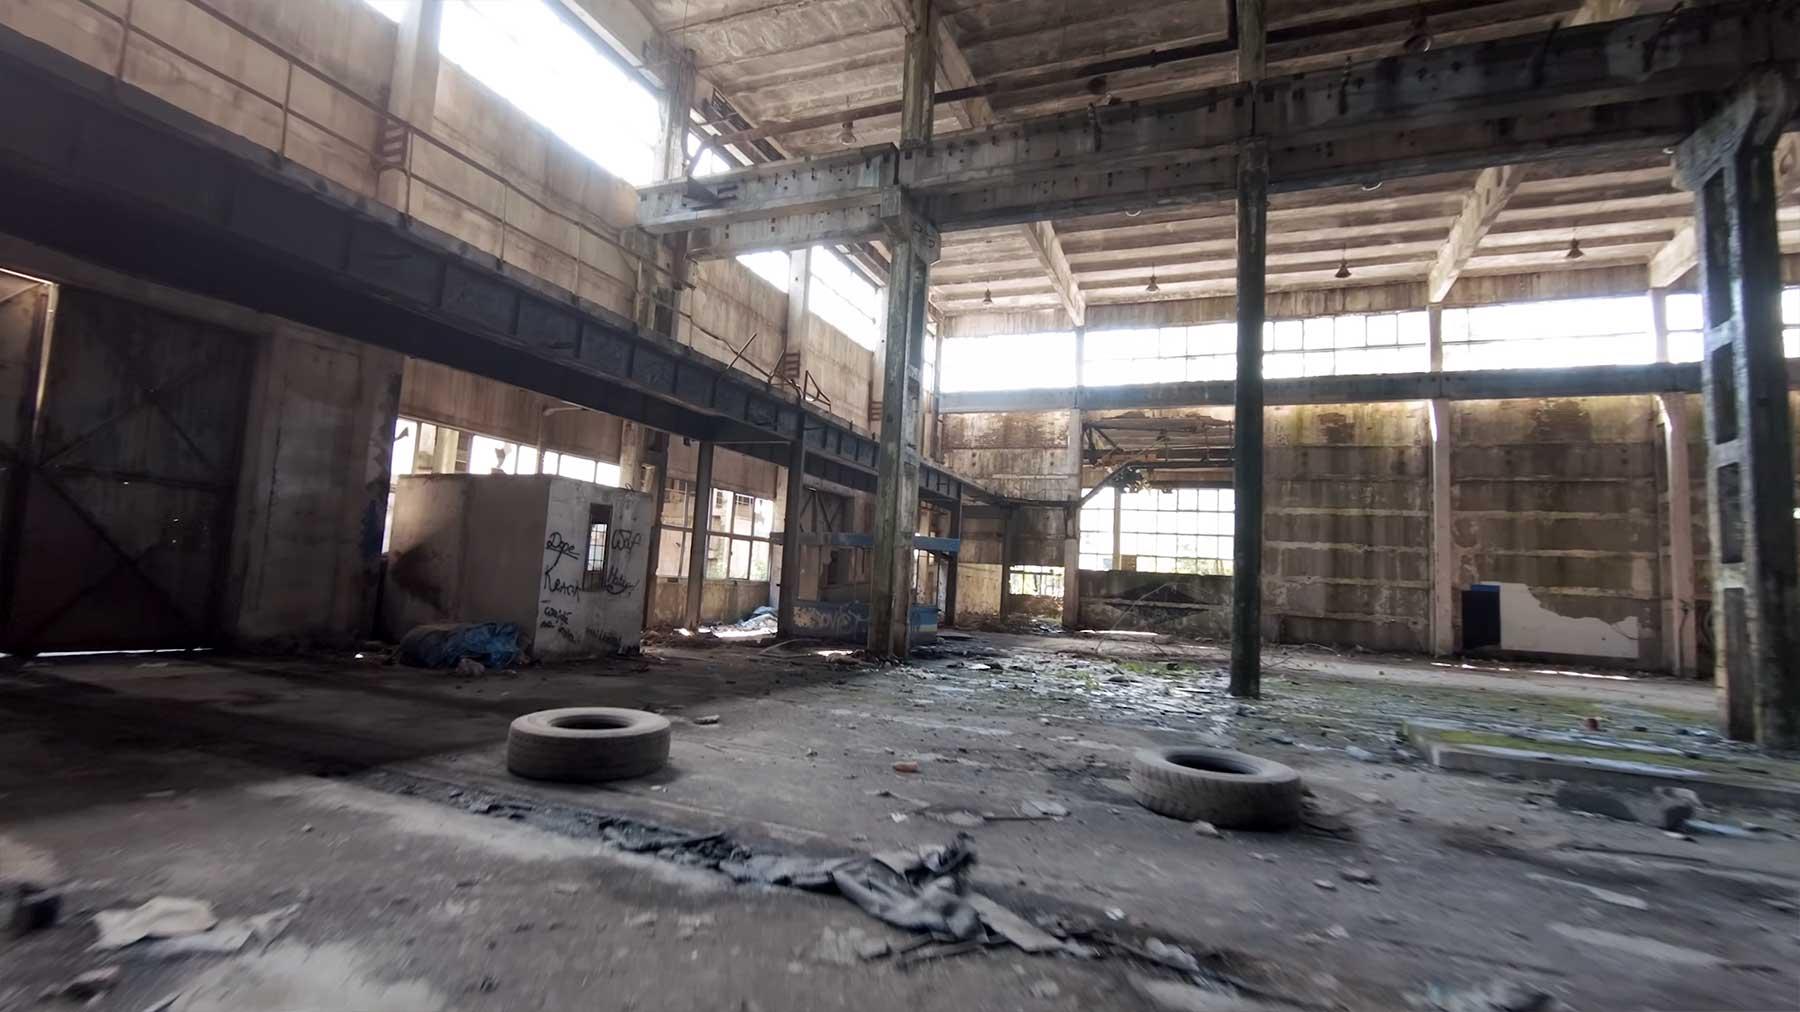 Mit der Drohne durch ein verlassenes Gebäude fliegen Haunting-FPV-Drone-Flight-Through-Abandoned-Building